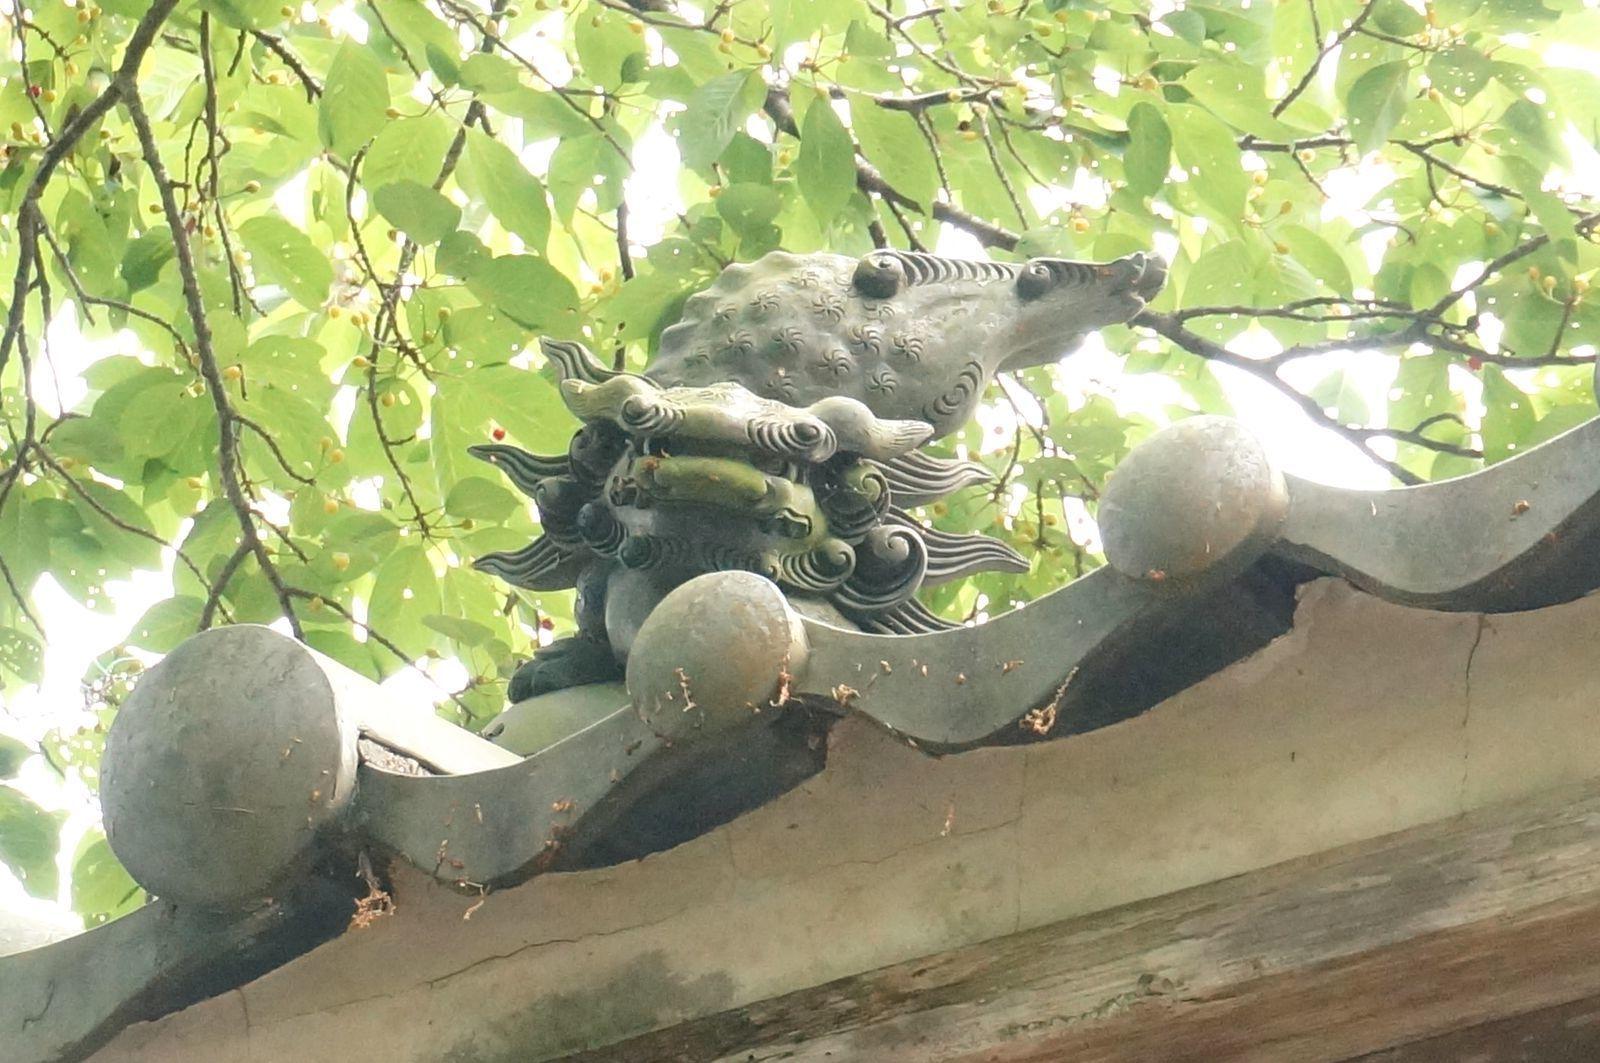 高天神社の屋根にあった不思議なもの